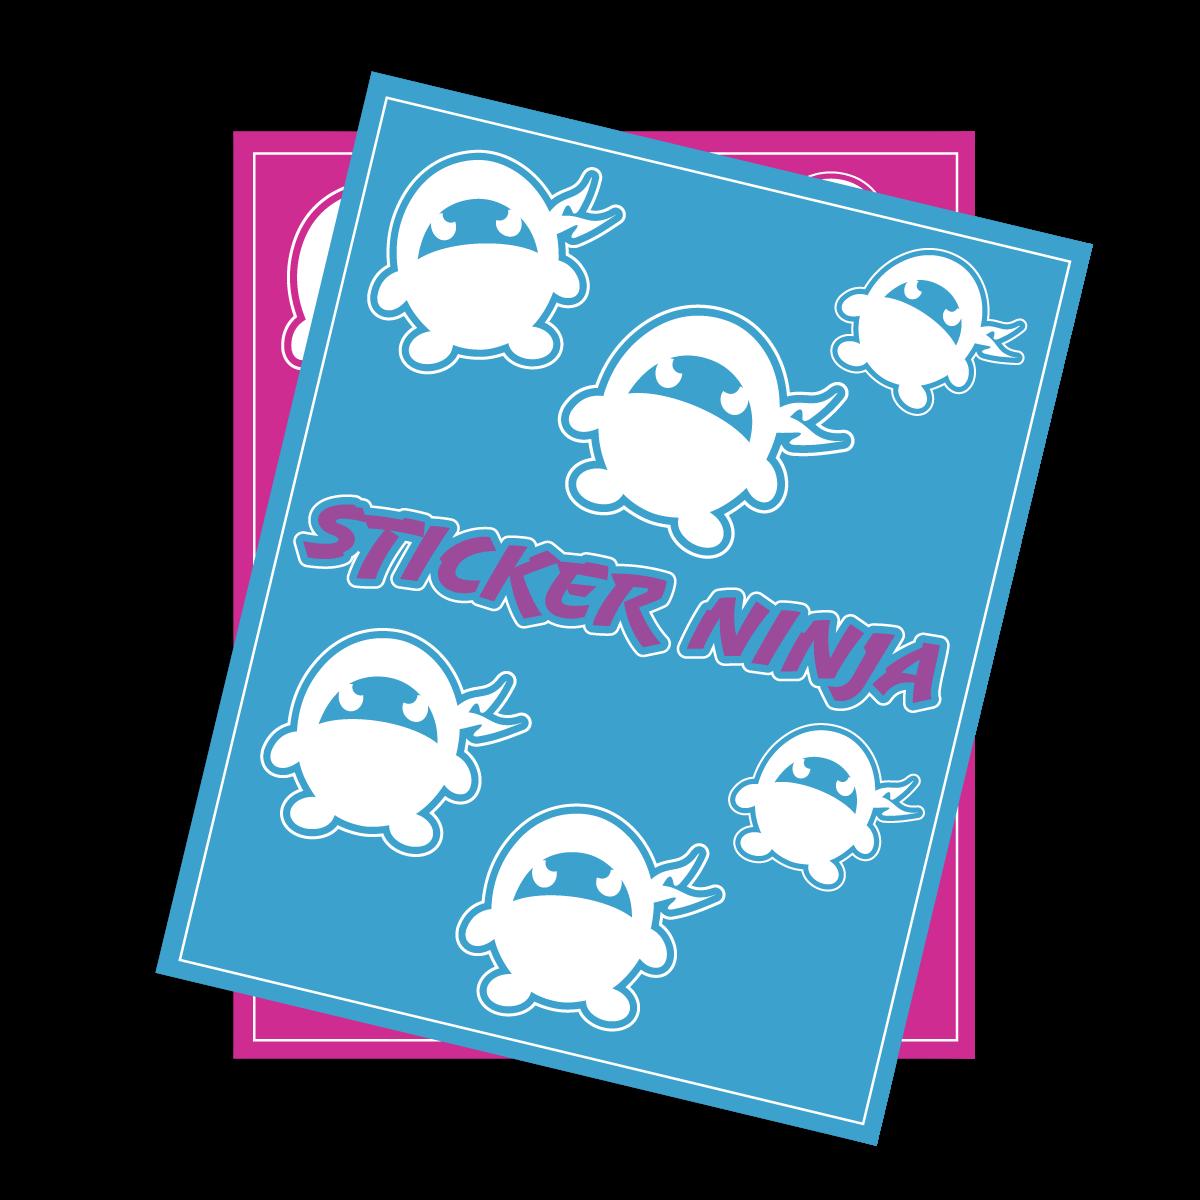 clipart free download Sticker Ninja